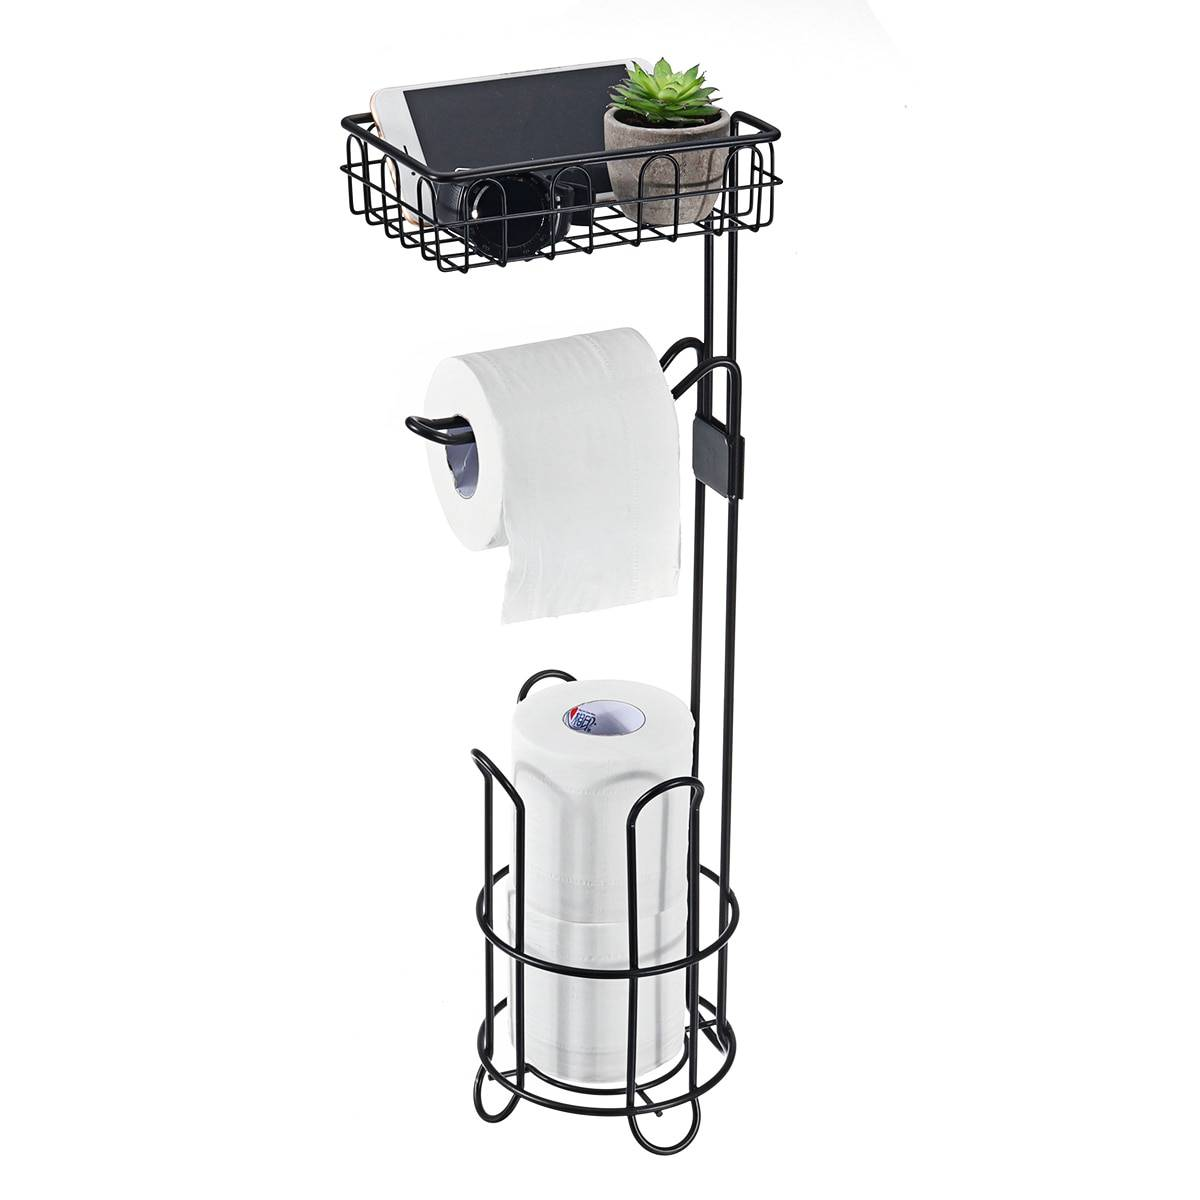 AliExpress Support de rangement Vertical pour rouleaux de papier toilette en métal, panier de rangement en fer